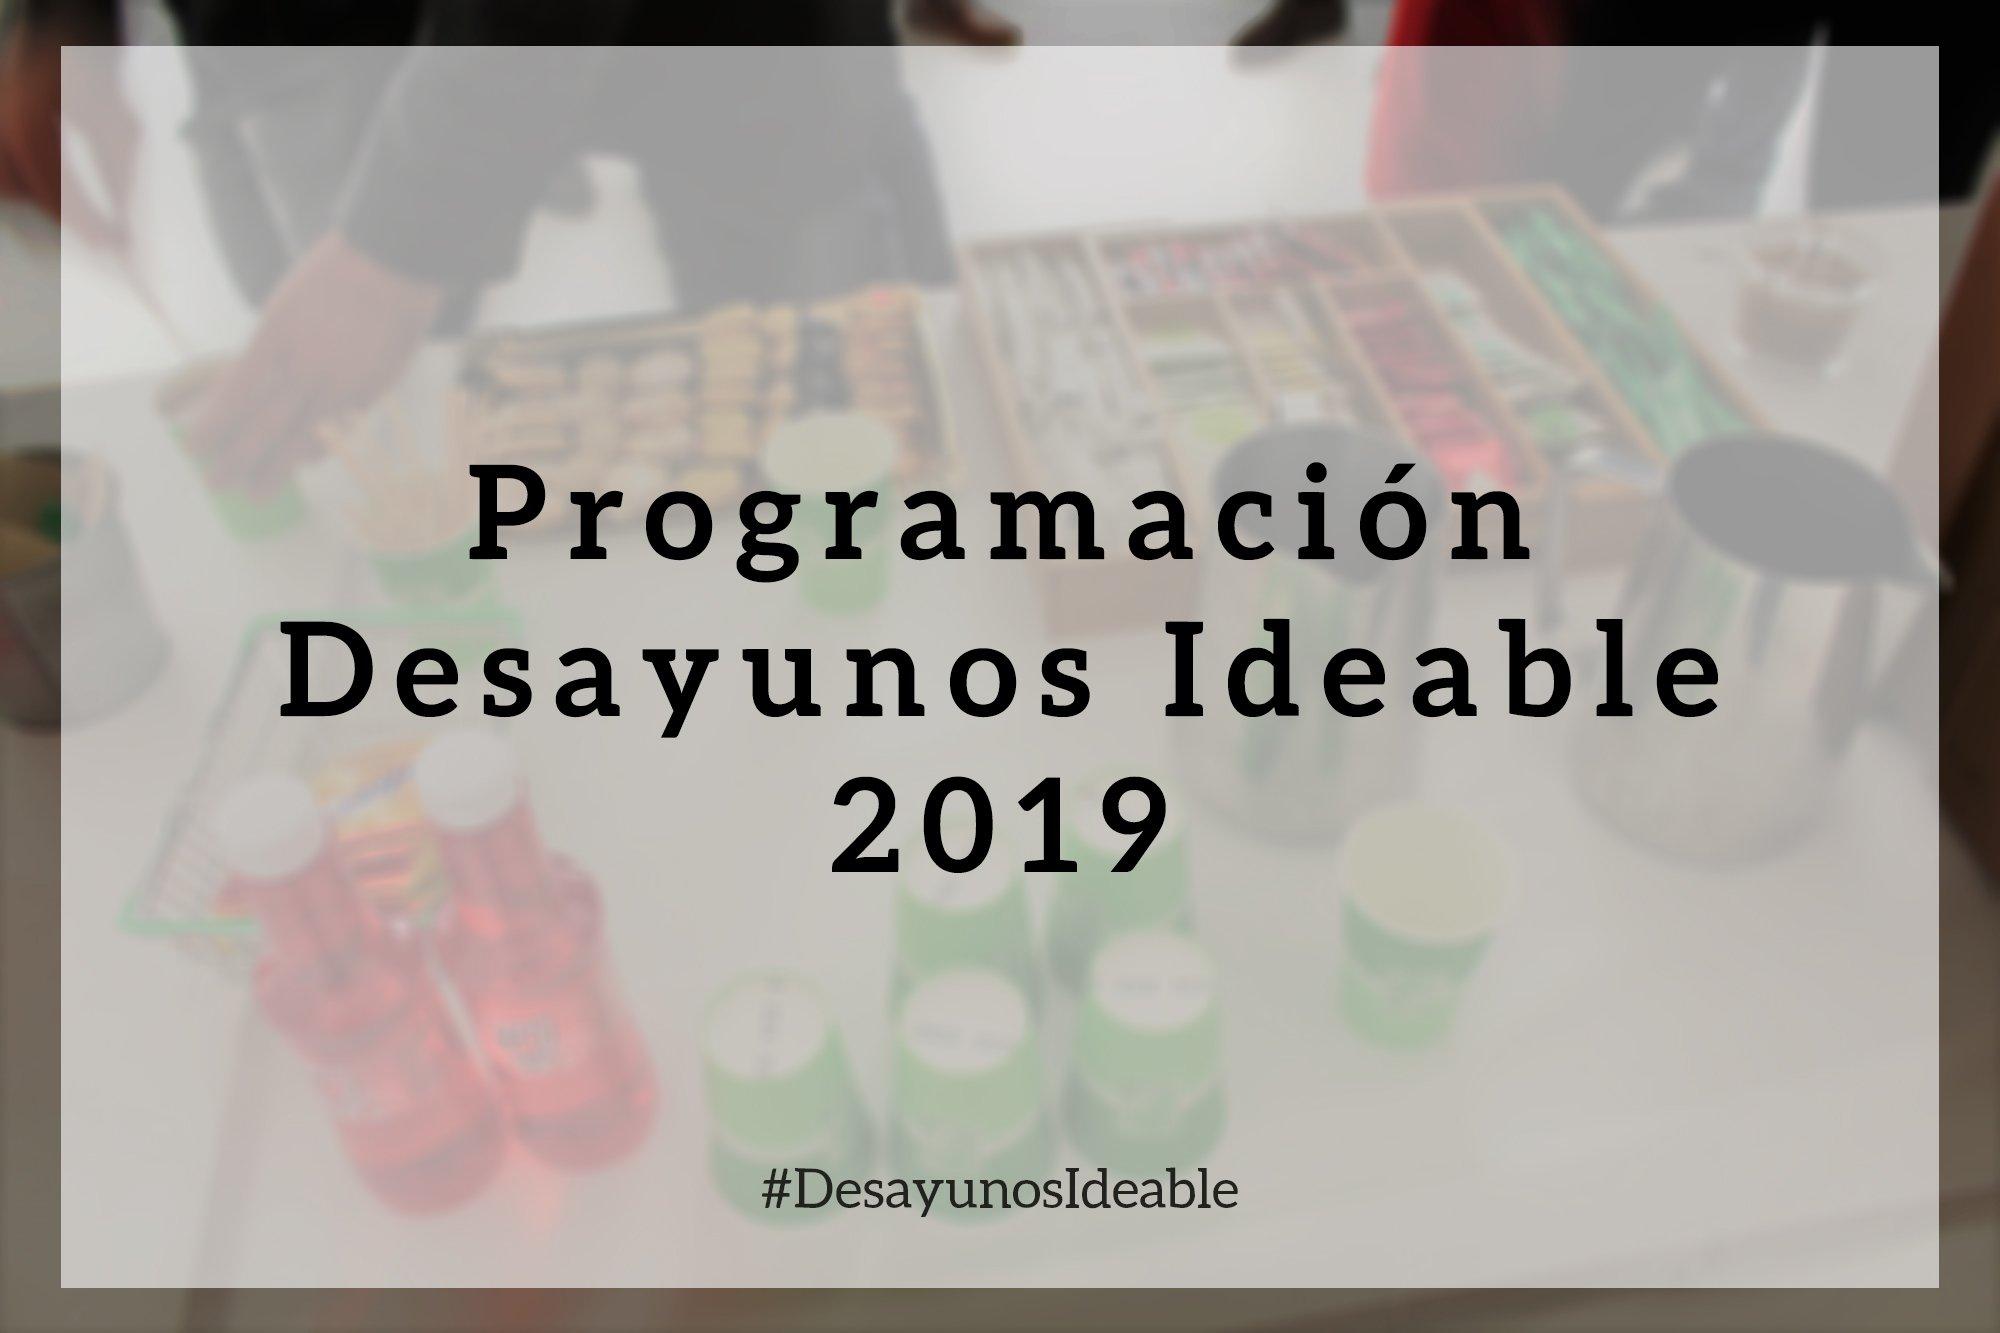 desayunos-ideable-2019